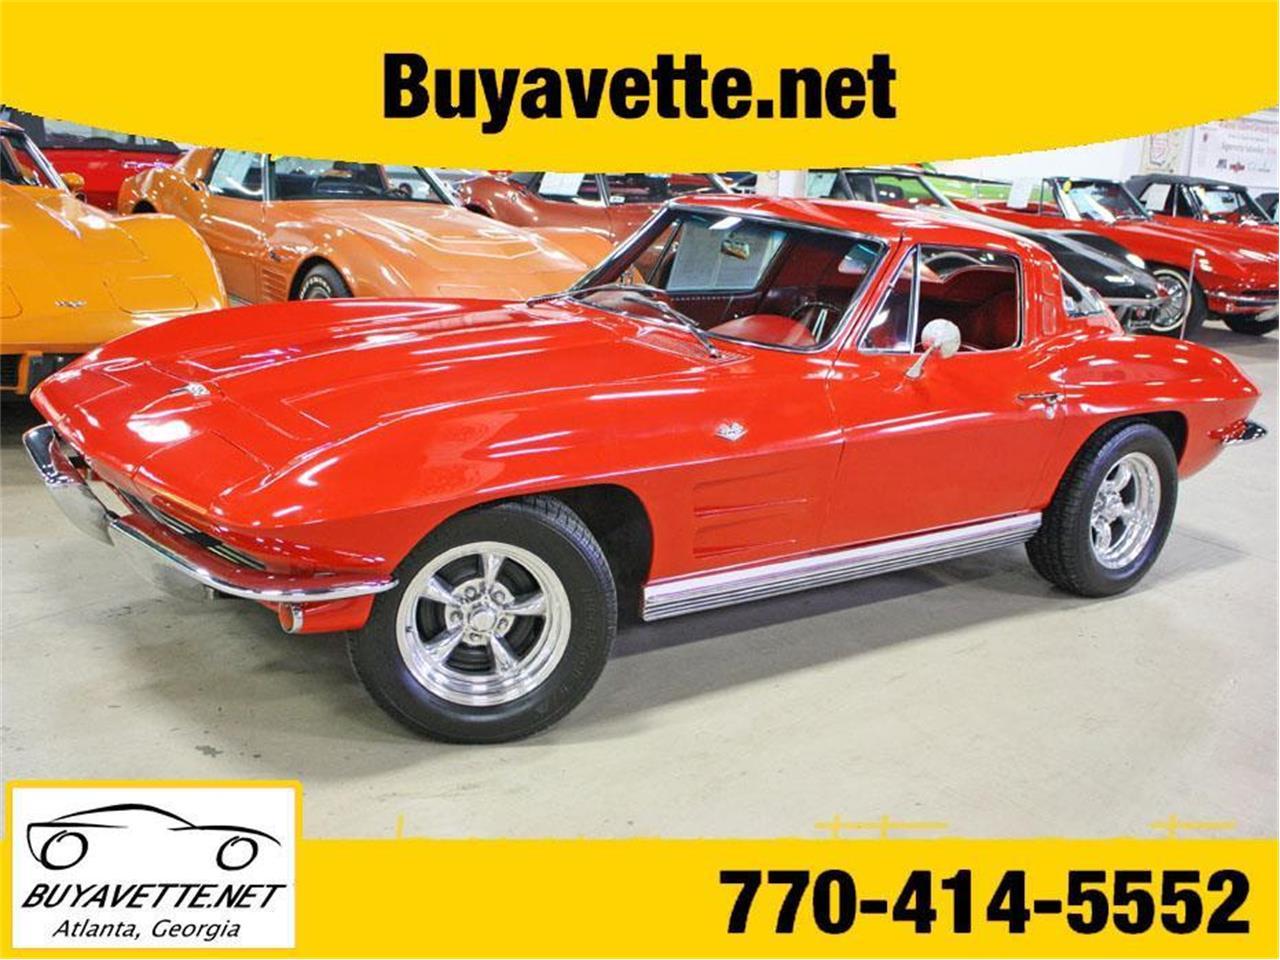 For Sale: 1964 Chevrolet Corvette in Atlanta, Georgia